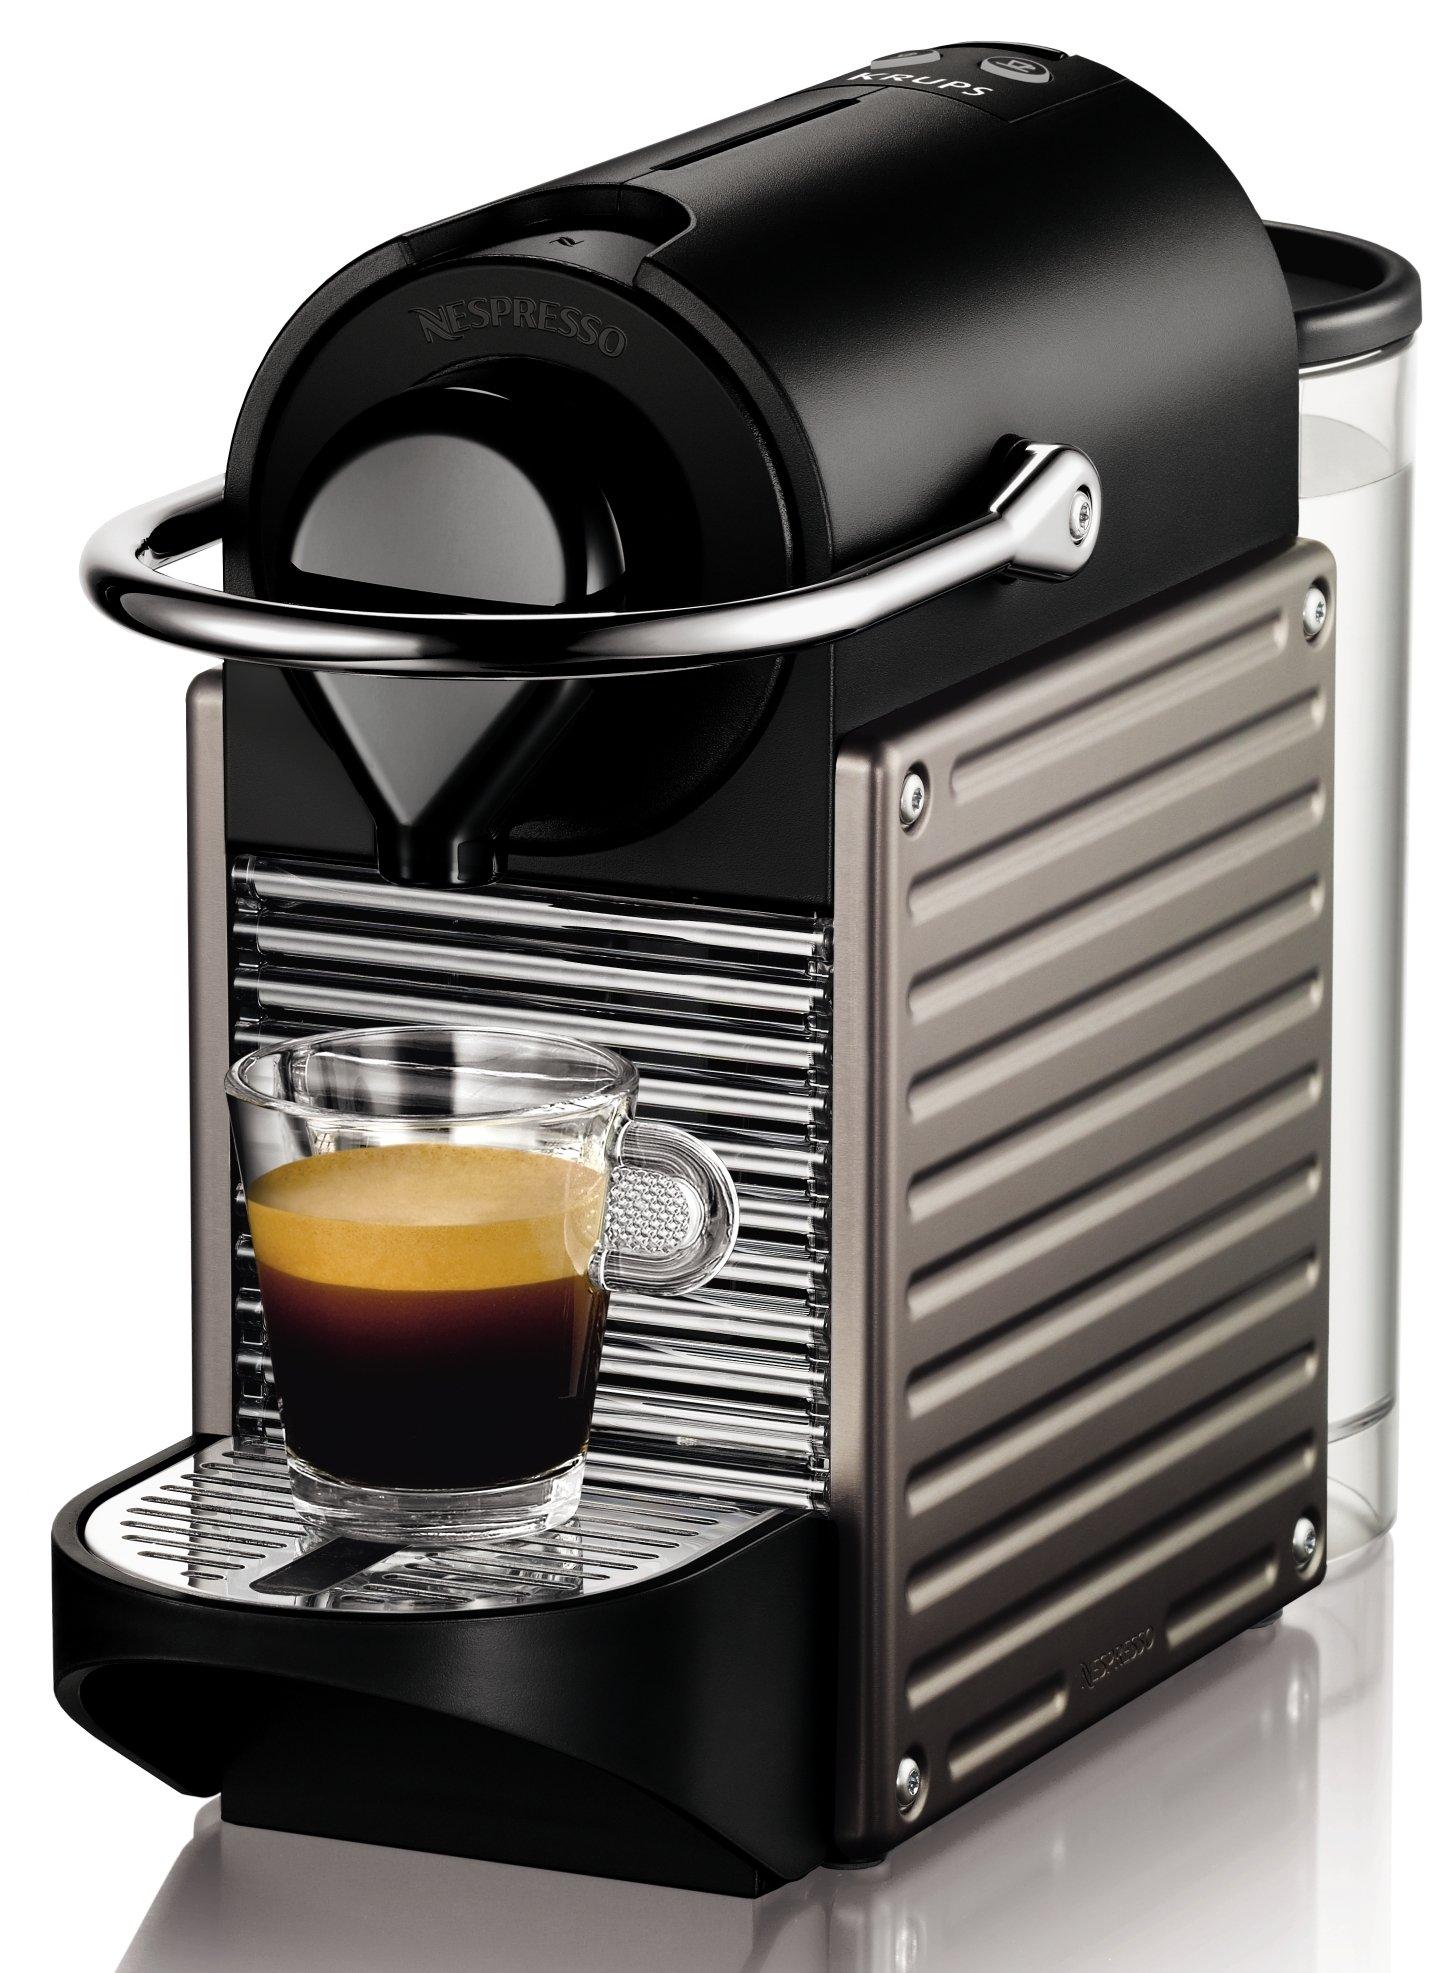 Nespresso Krups Pixie XN3005 - Cafetera monodosis de cápsulas Nespresso, 19 bares, apagado automático